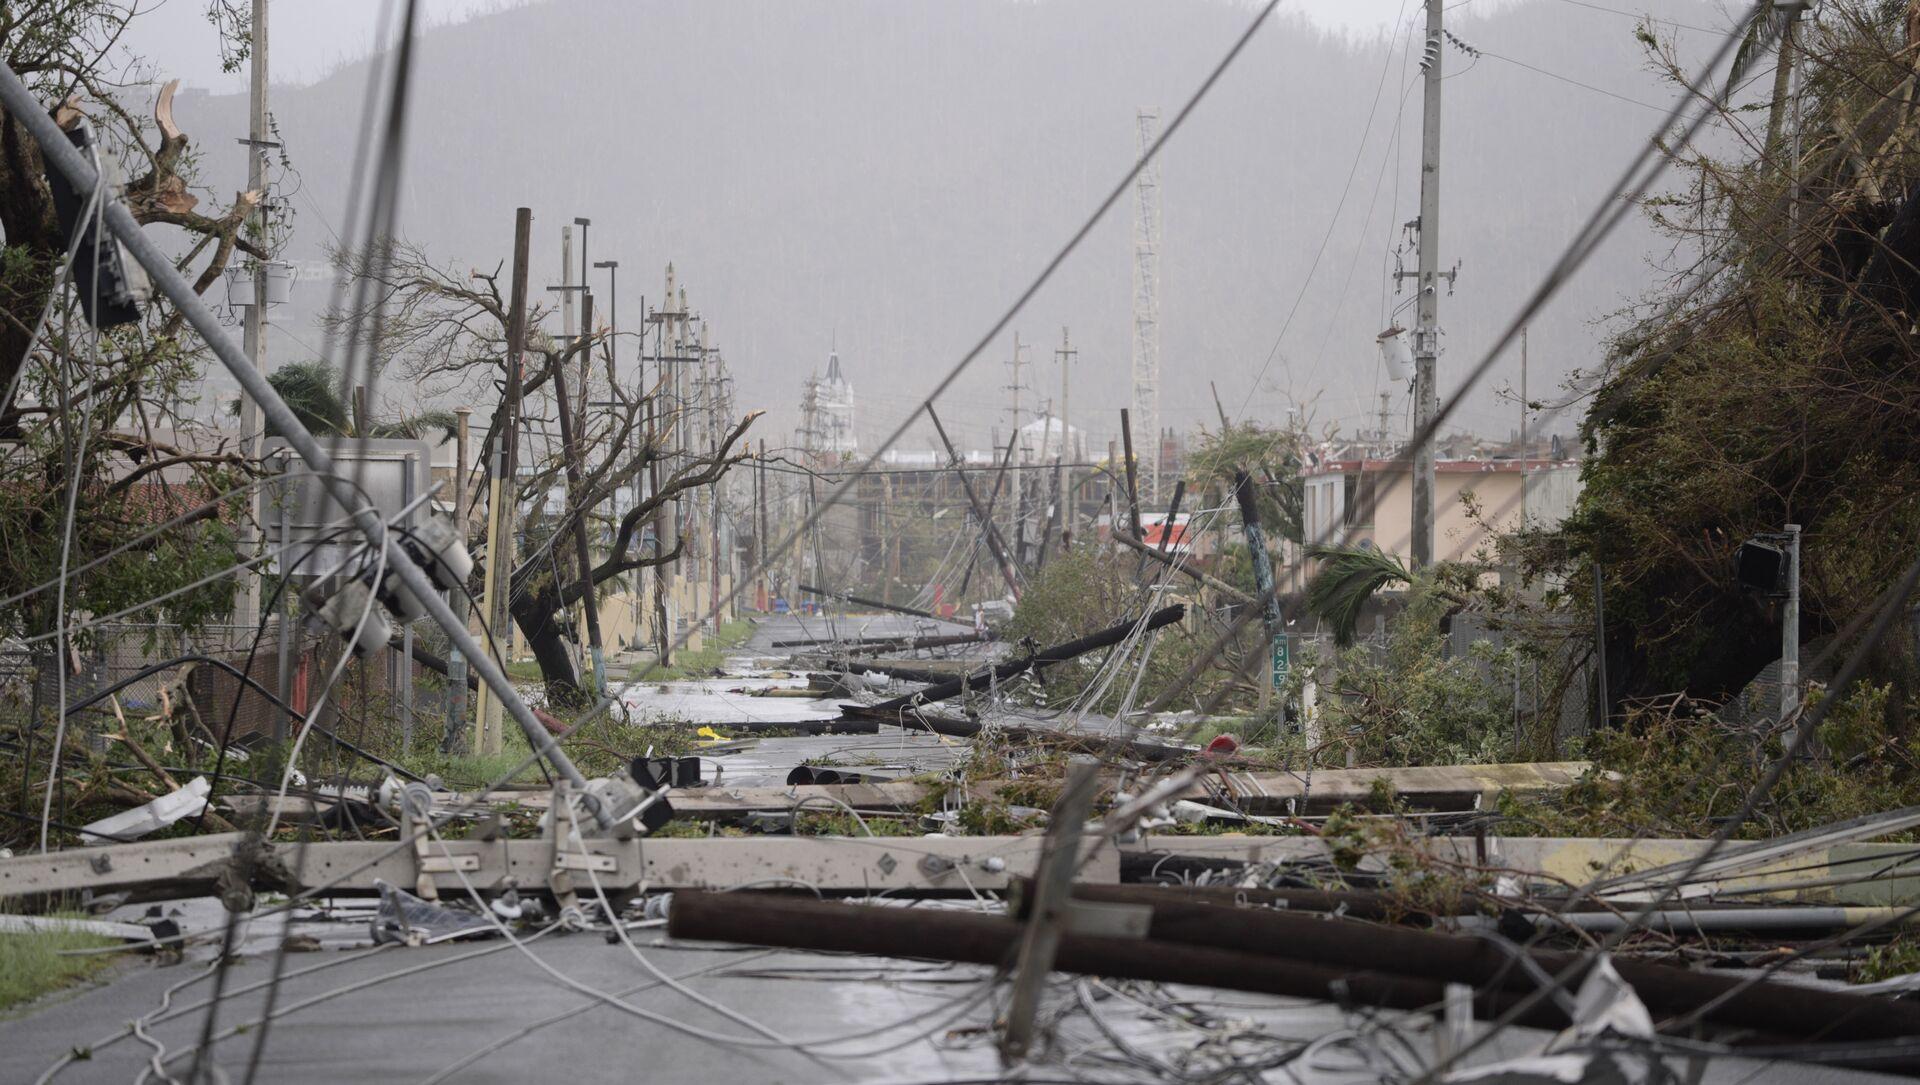 Las consecuencias del huracán María en Puerto Rico (archivo) - Sputnik Mundo, 1920, 02.02.2021